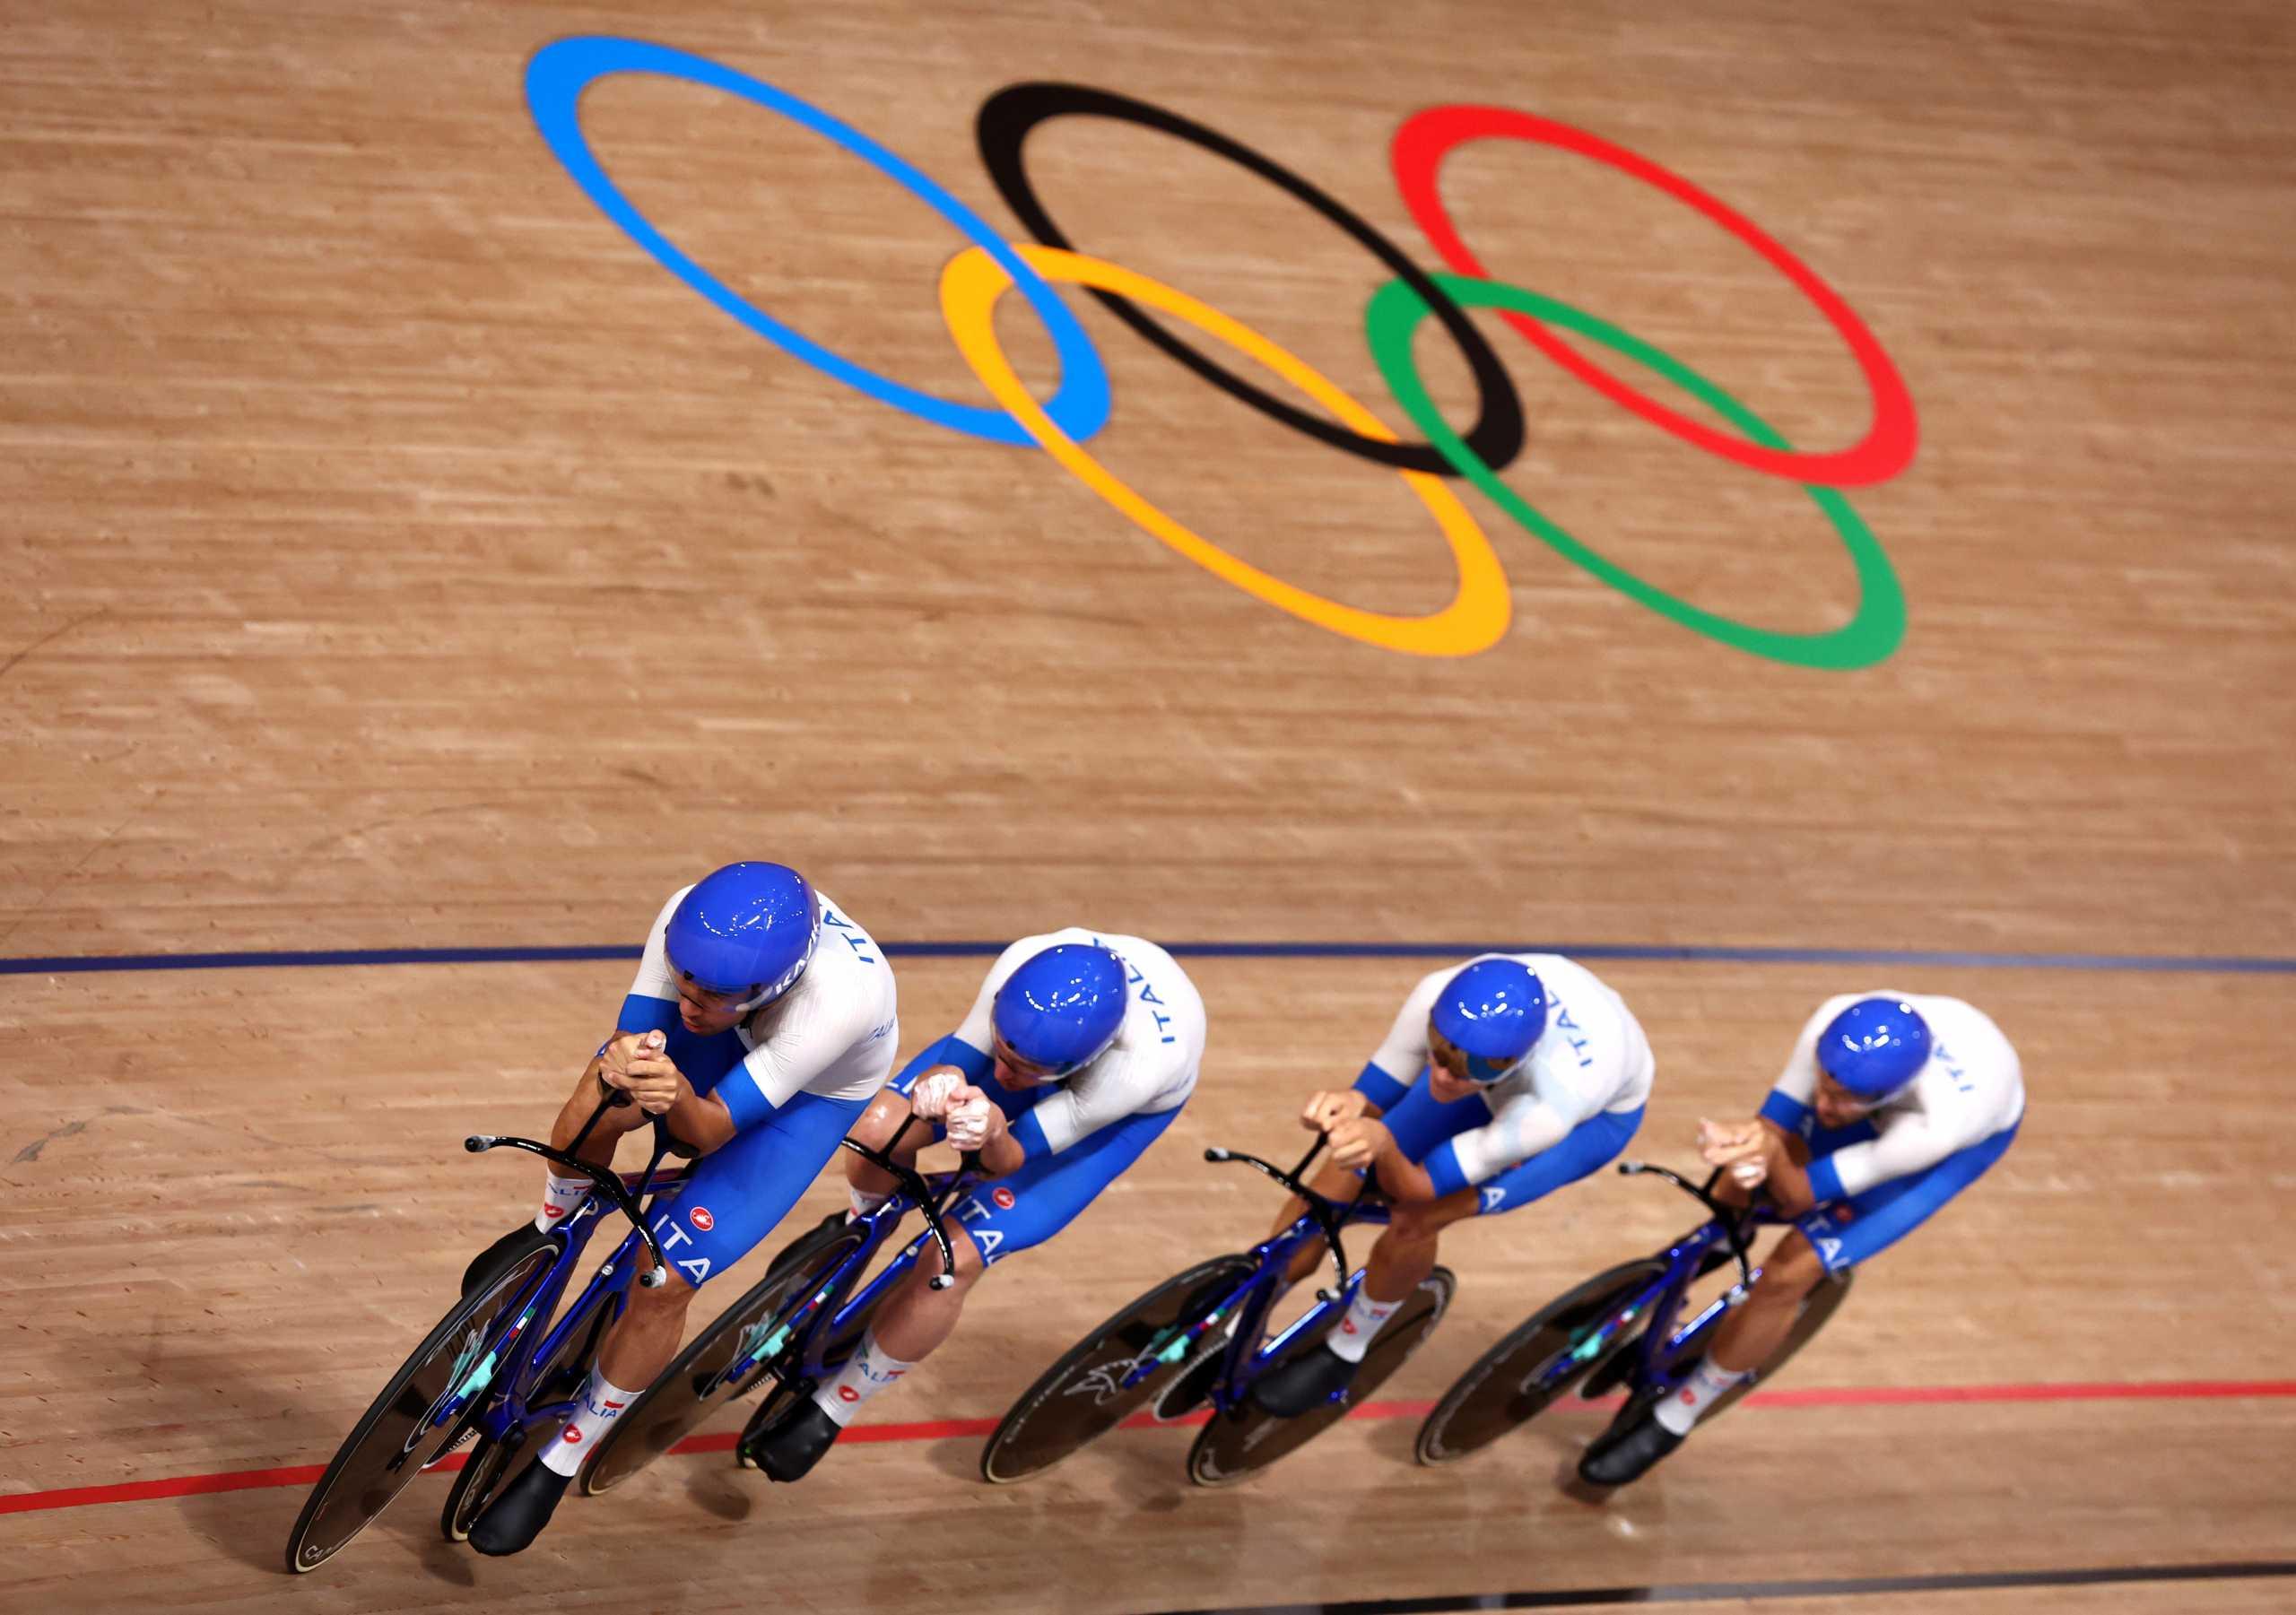 Ολυμπιακοί Αγώνες: «Χρυσή» και με παγκόσμιο ρεκόρ η Ιταλία στην ομαδική καταδίωξη της ποδηλασίας